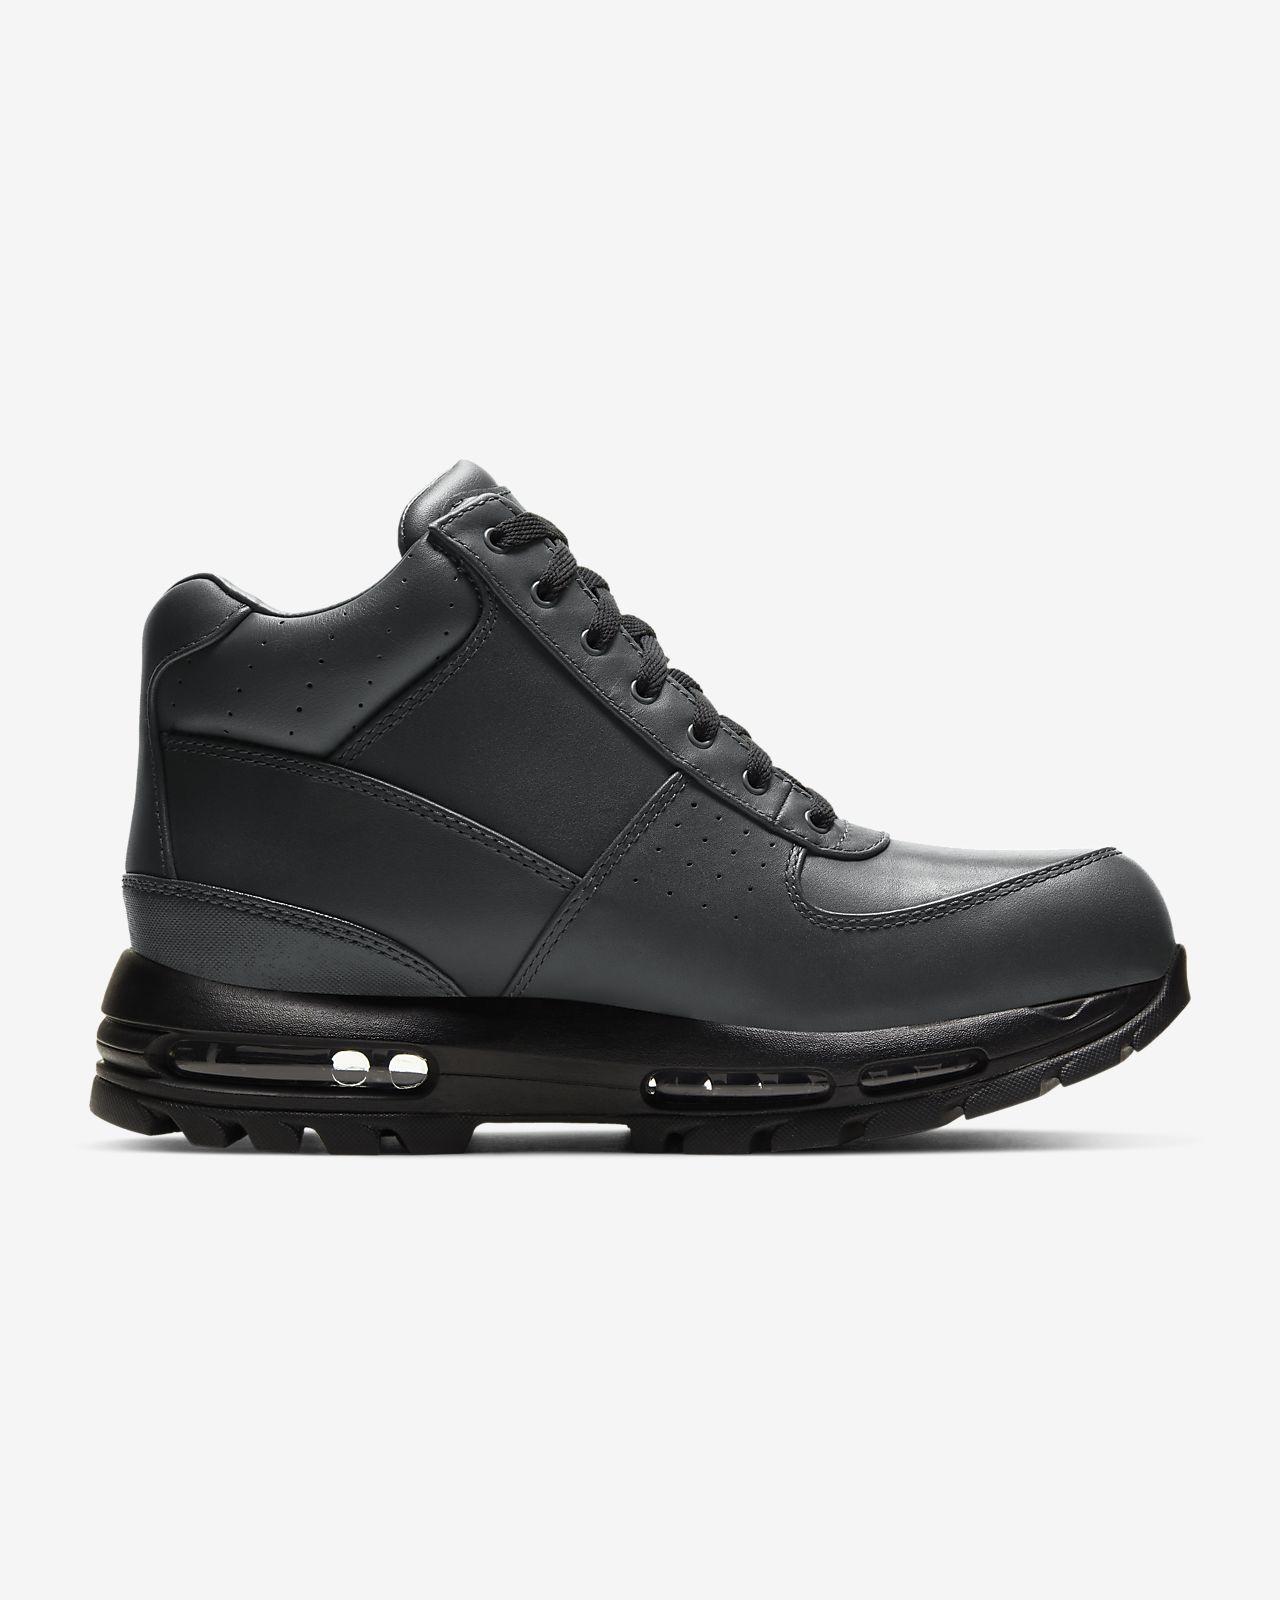 Nike Air Max Goadome Men's Boot